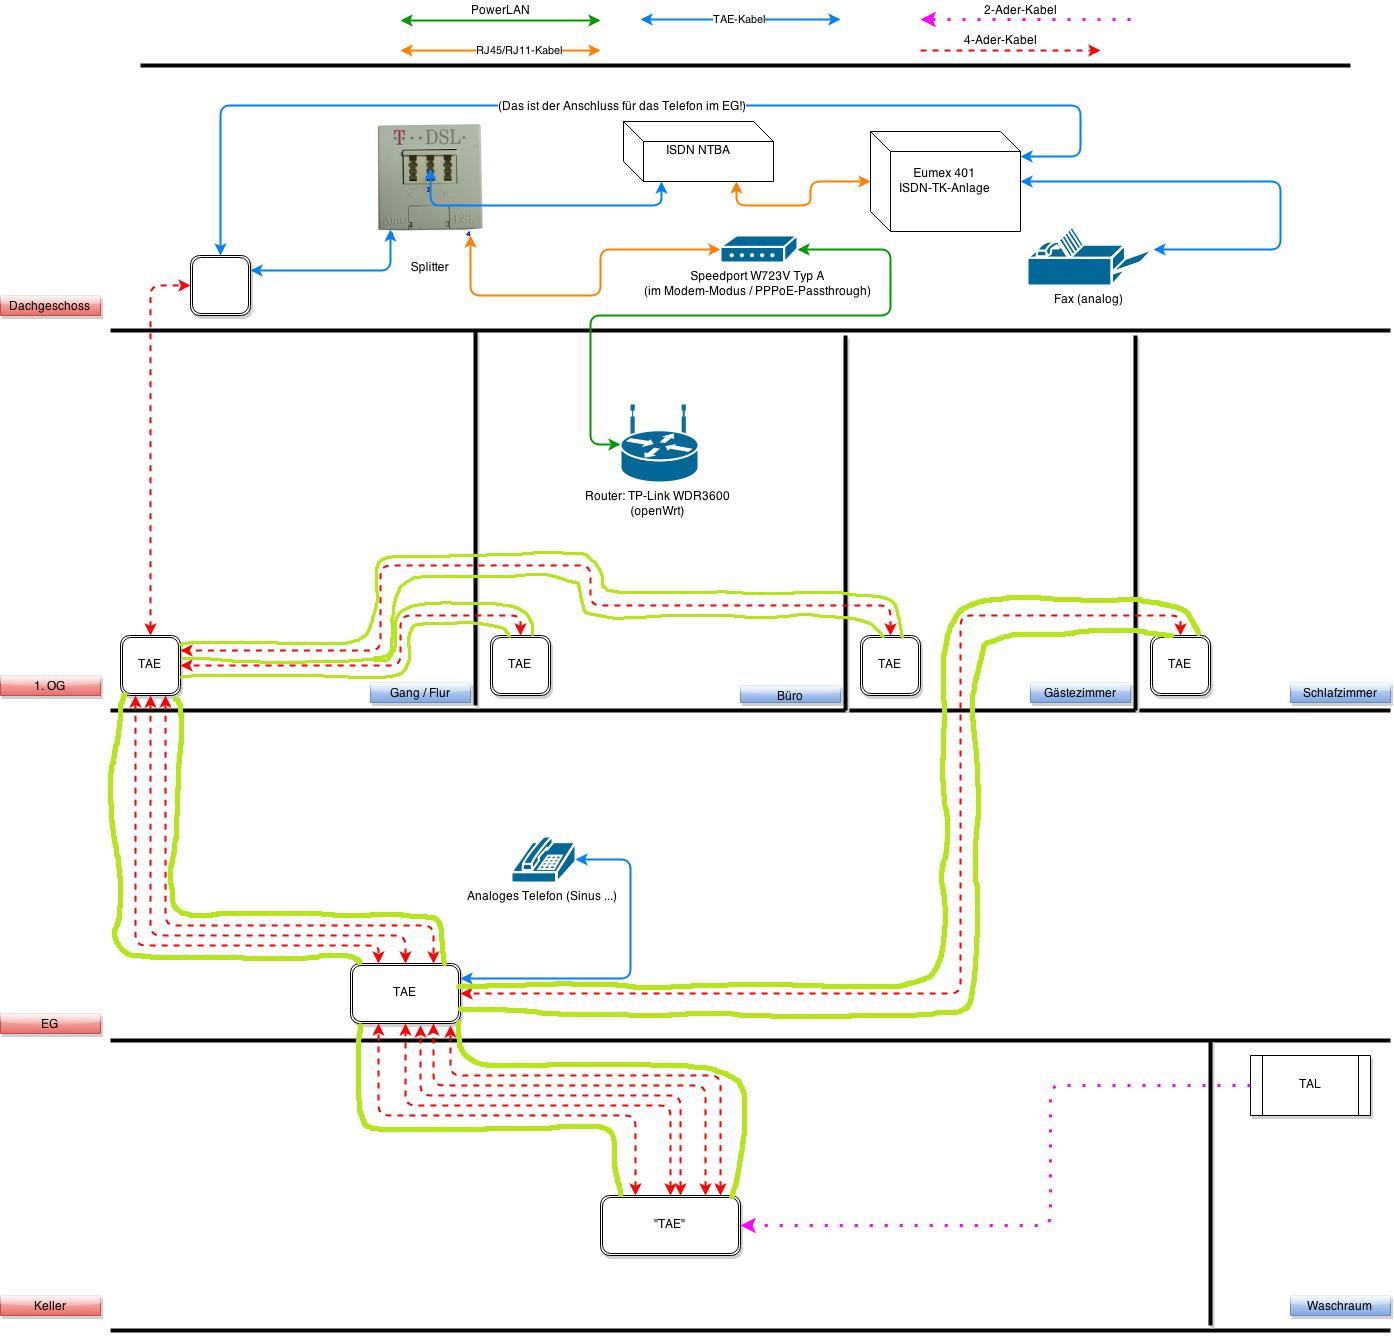 Ziemlich Haus Telefon Schaltplan Bilder - Der Schaltplan ...